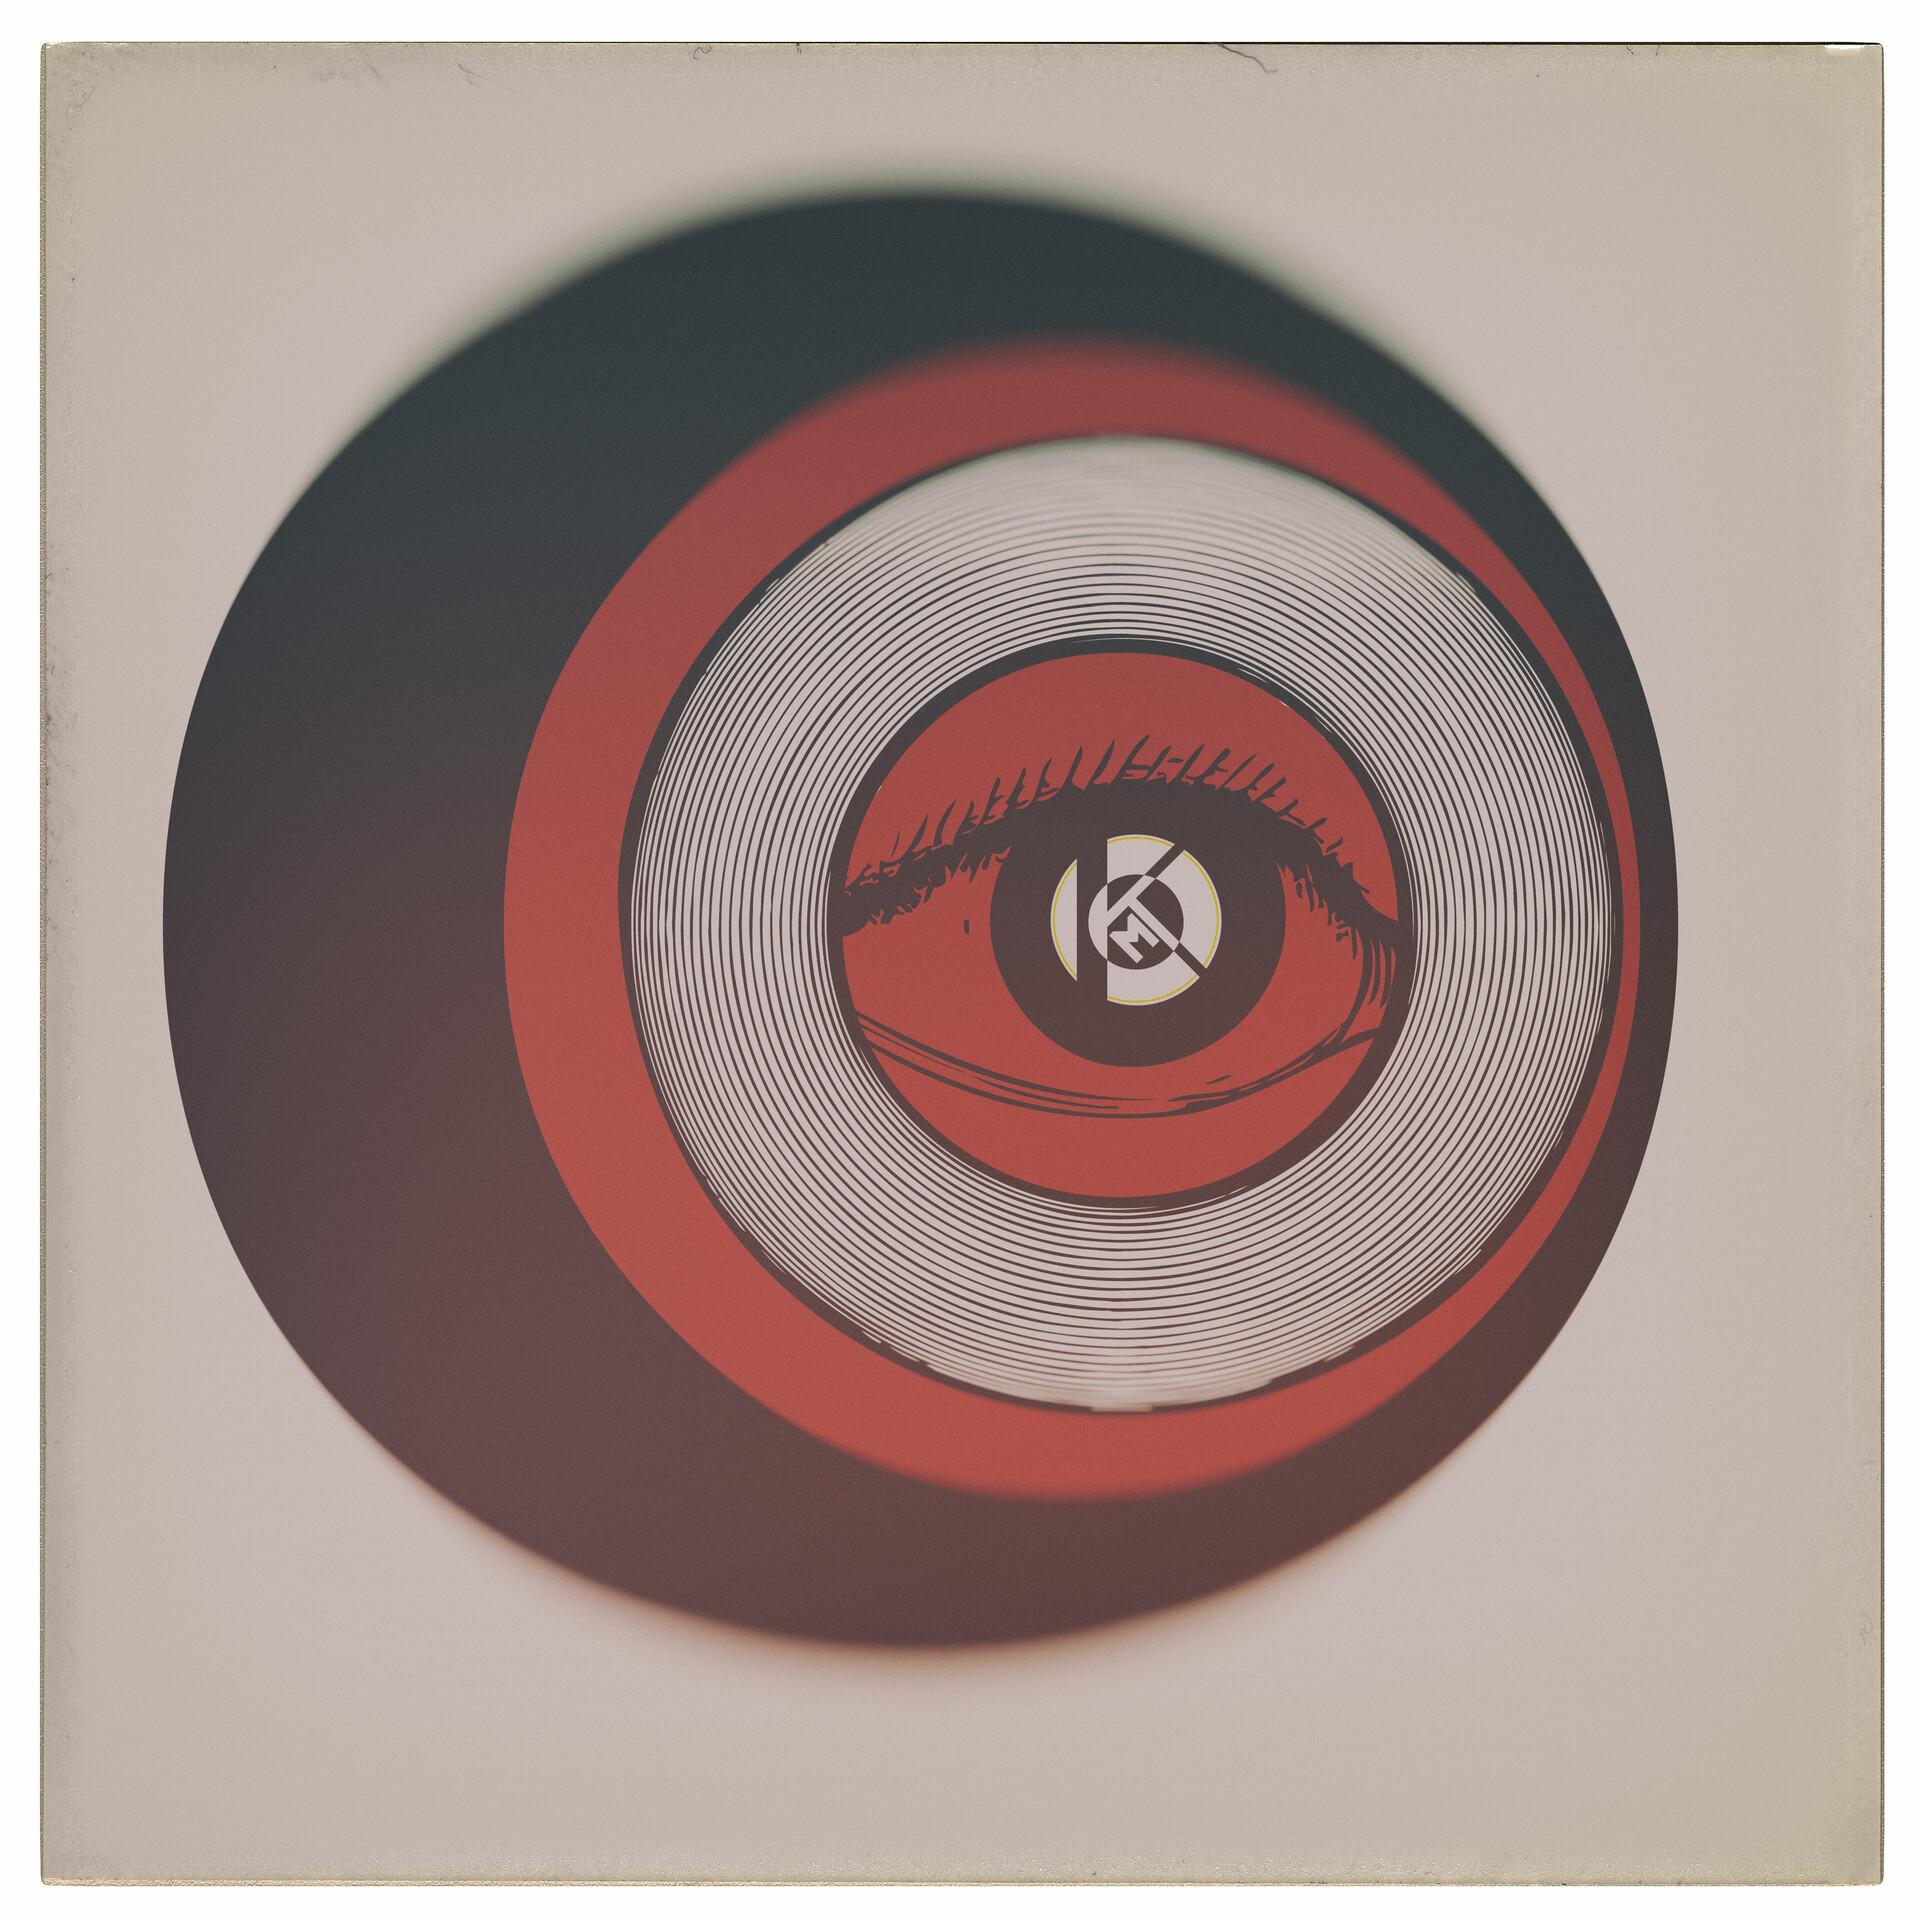 Ben nicholas bennicholas kom graphicdesign surveillance 01